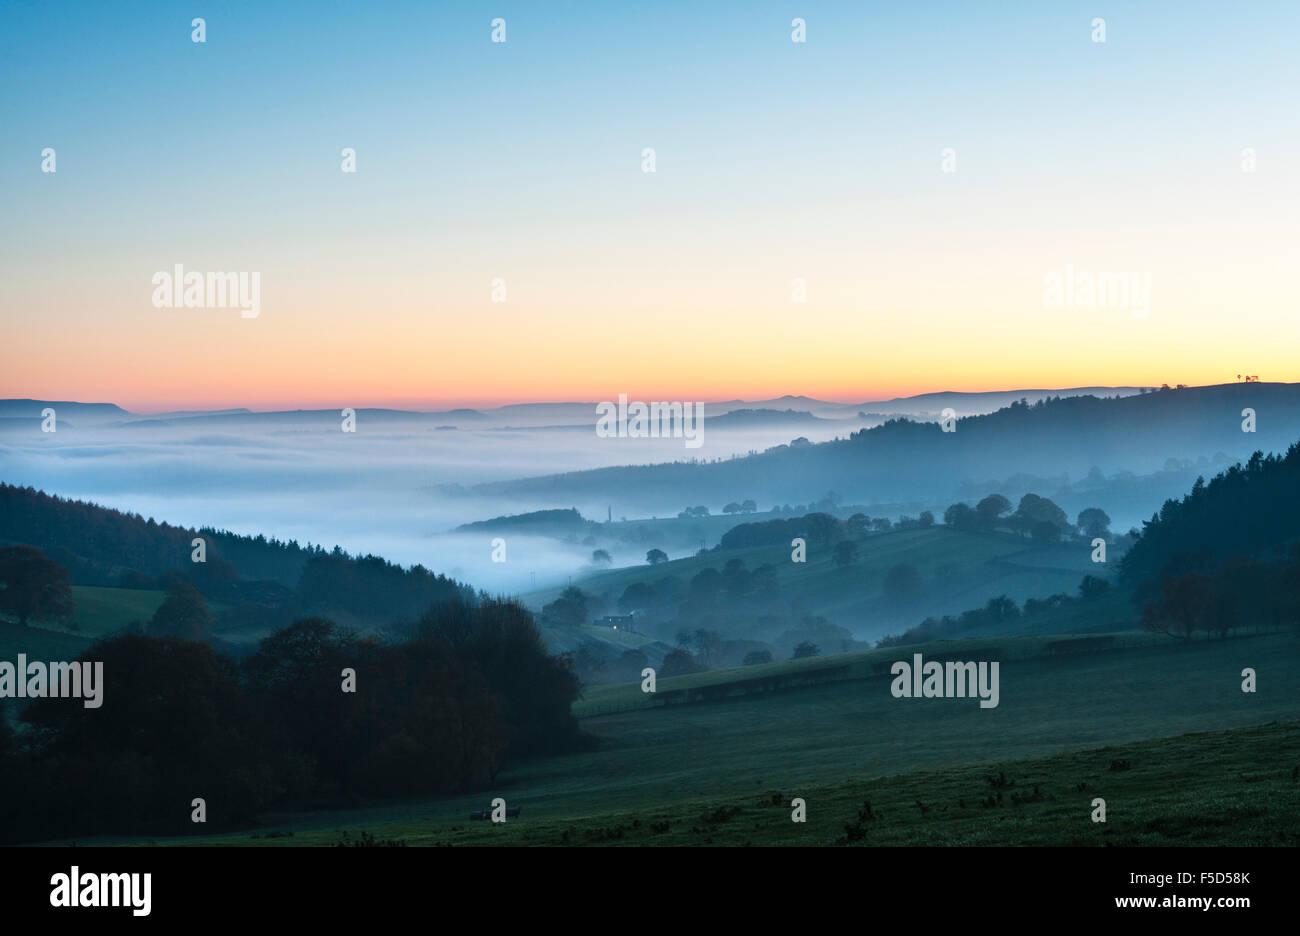 Cerca de Knighton, Powys, Gales, Reino Unido. Desde el 01 de noviembre, 2015. Atardecer en una solitaria cabaña con una espesa niebla llenando los valles más allá. En la distancia, heno Bluff a la izquierda y la pluma en el ventilador y en el centro de Brecon Beacons Crédito: Alex Ramsay/Alamy Live News Foto de stock